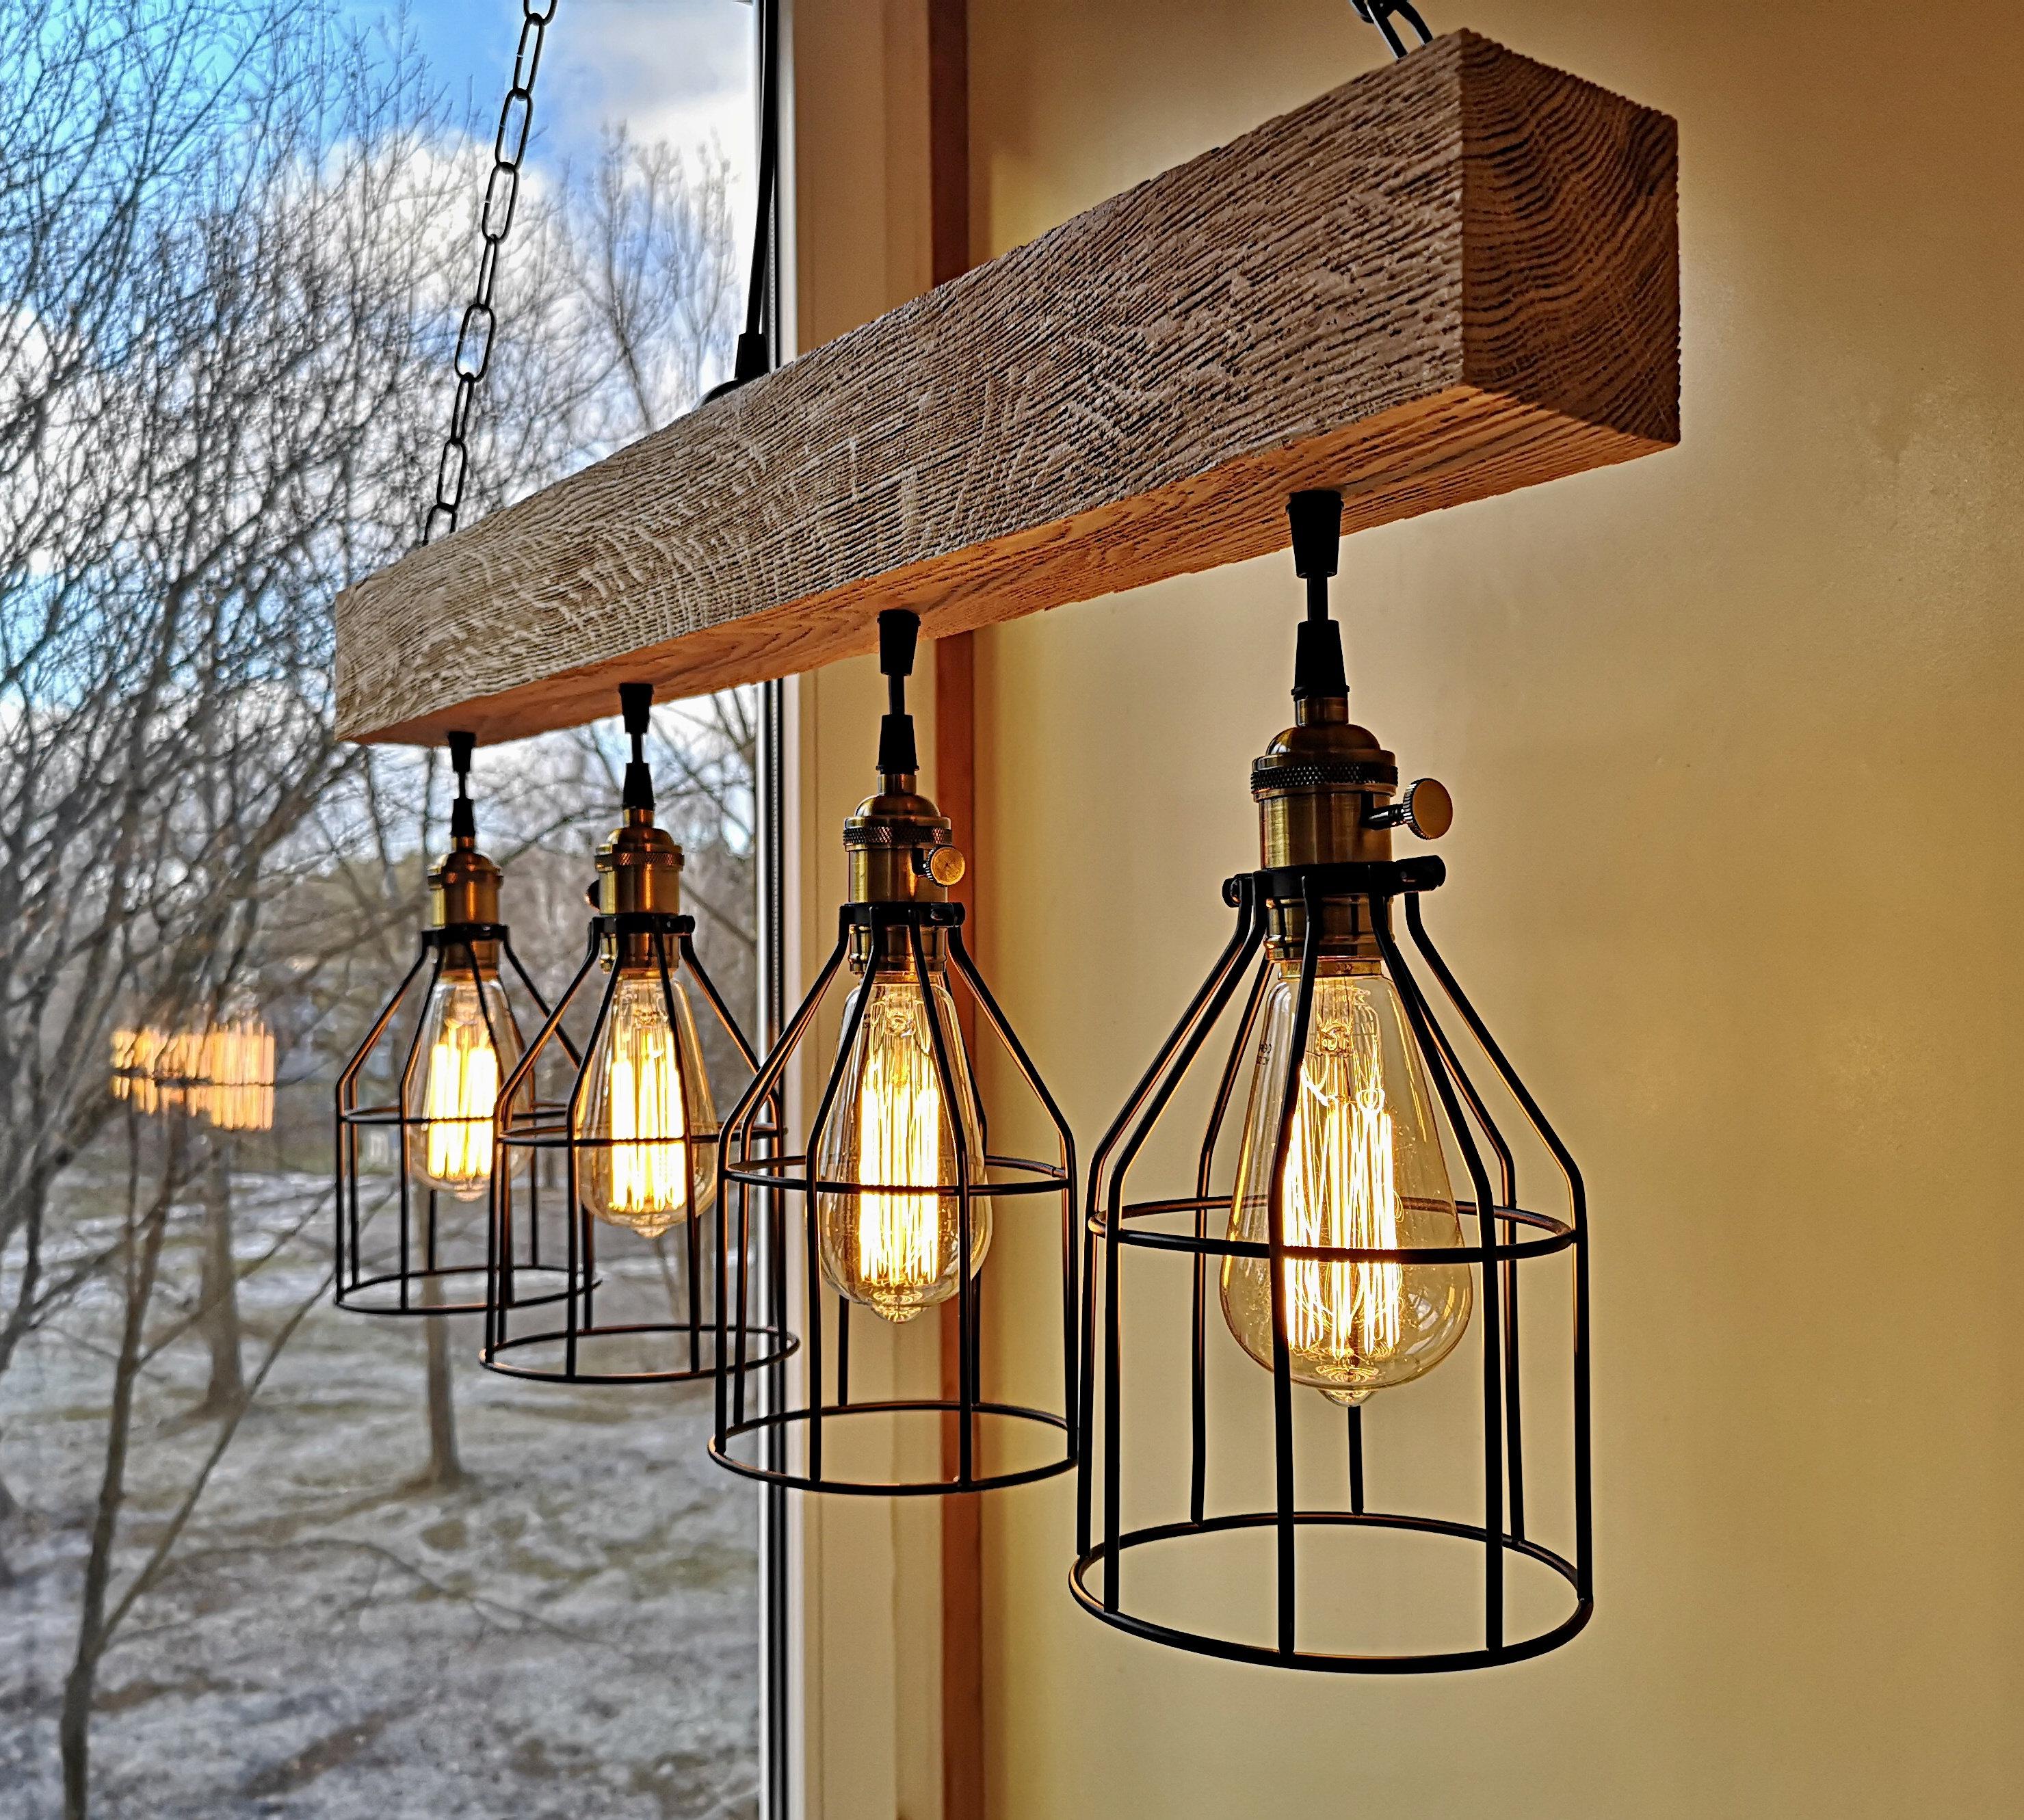 Rustic Lighting Wood Chandelier